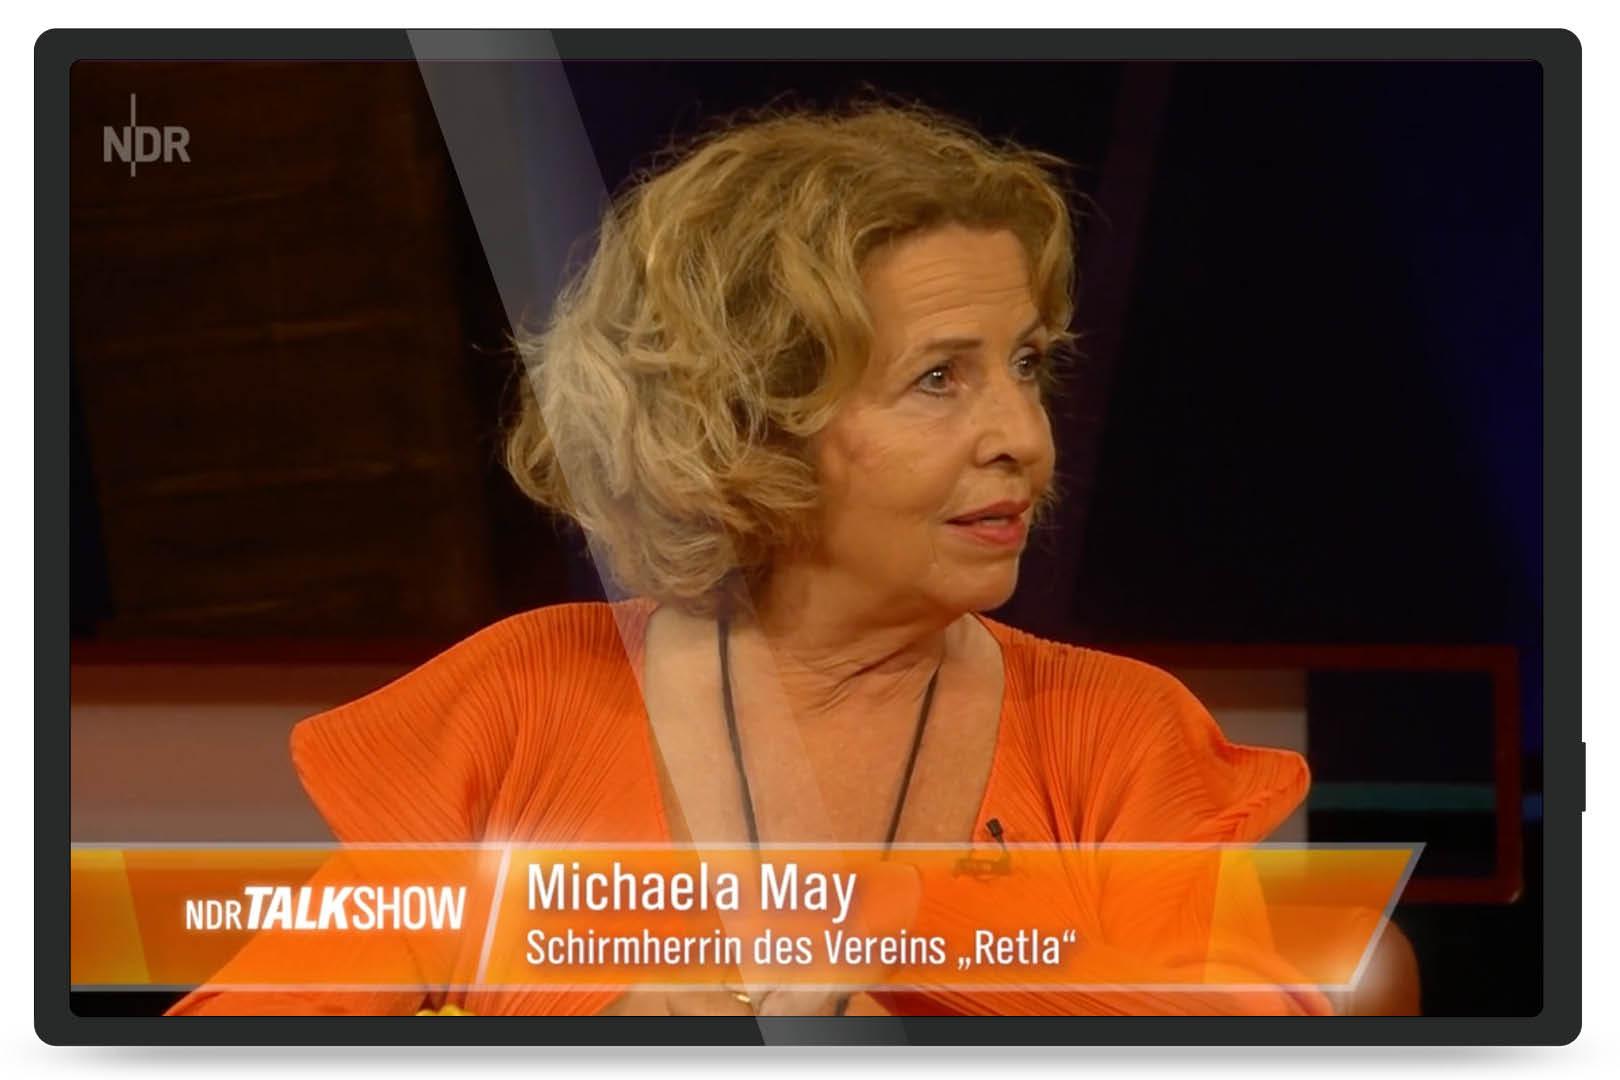 Referenzen_NDR_Fernsehen_10_07_20